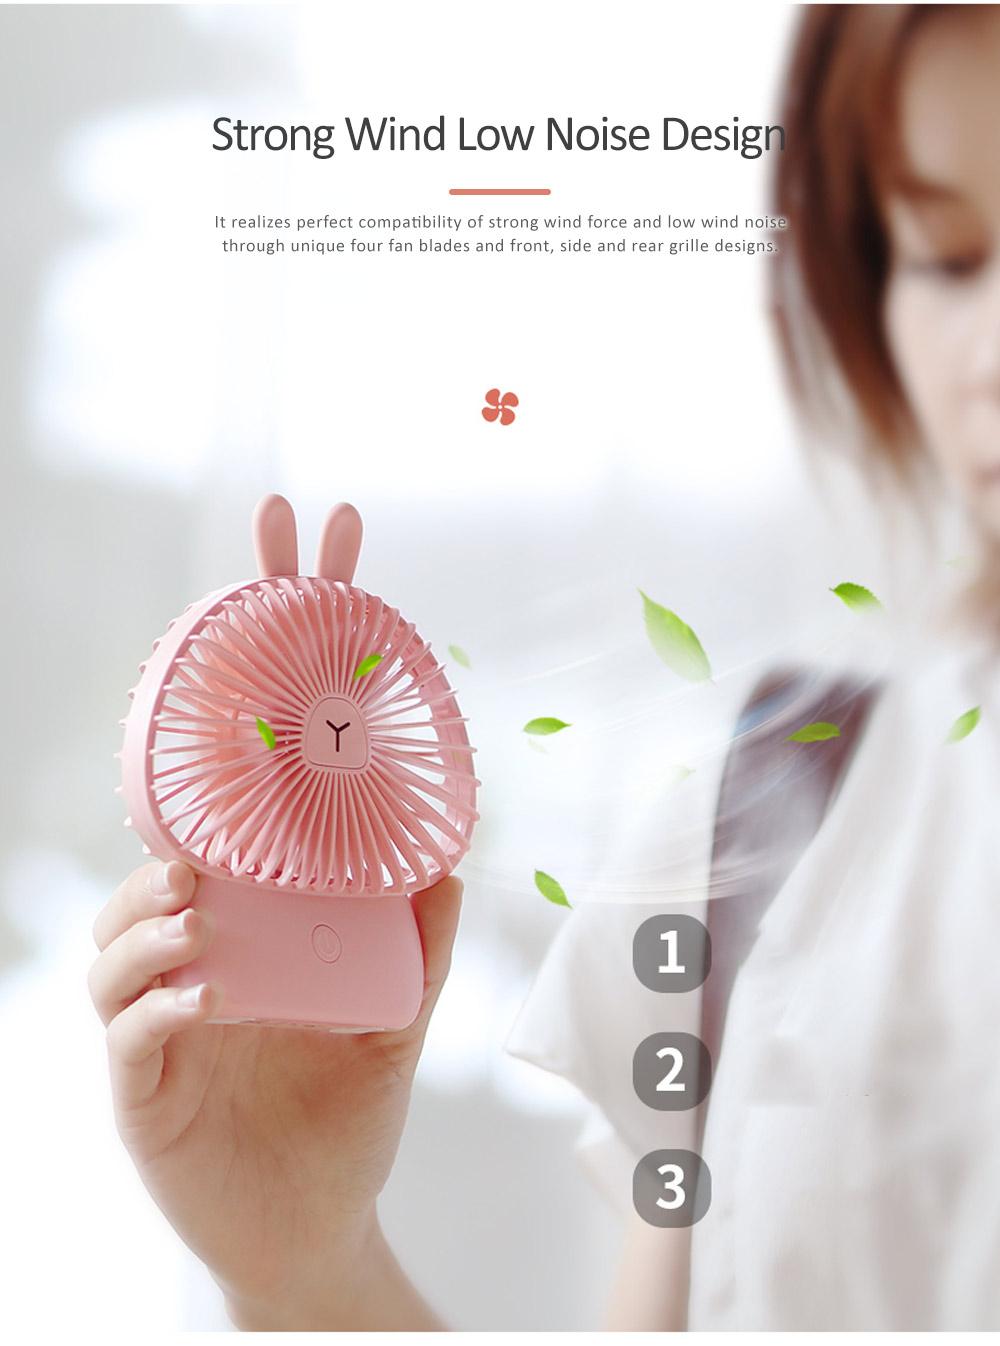 Cute Rechargeable Handheld Fan for Teenager Girls, USB Portable Handheld Mini Noiseless Fan, Desktop Mini Fan 3